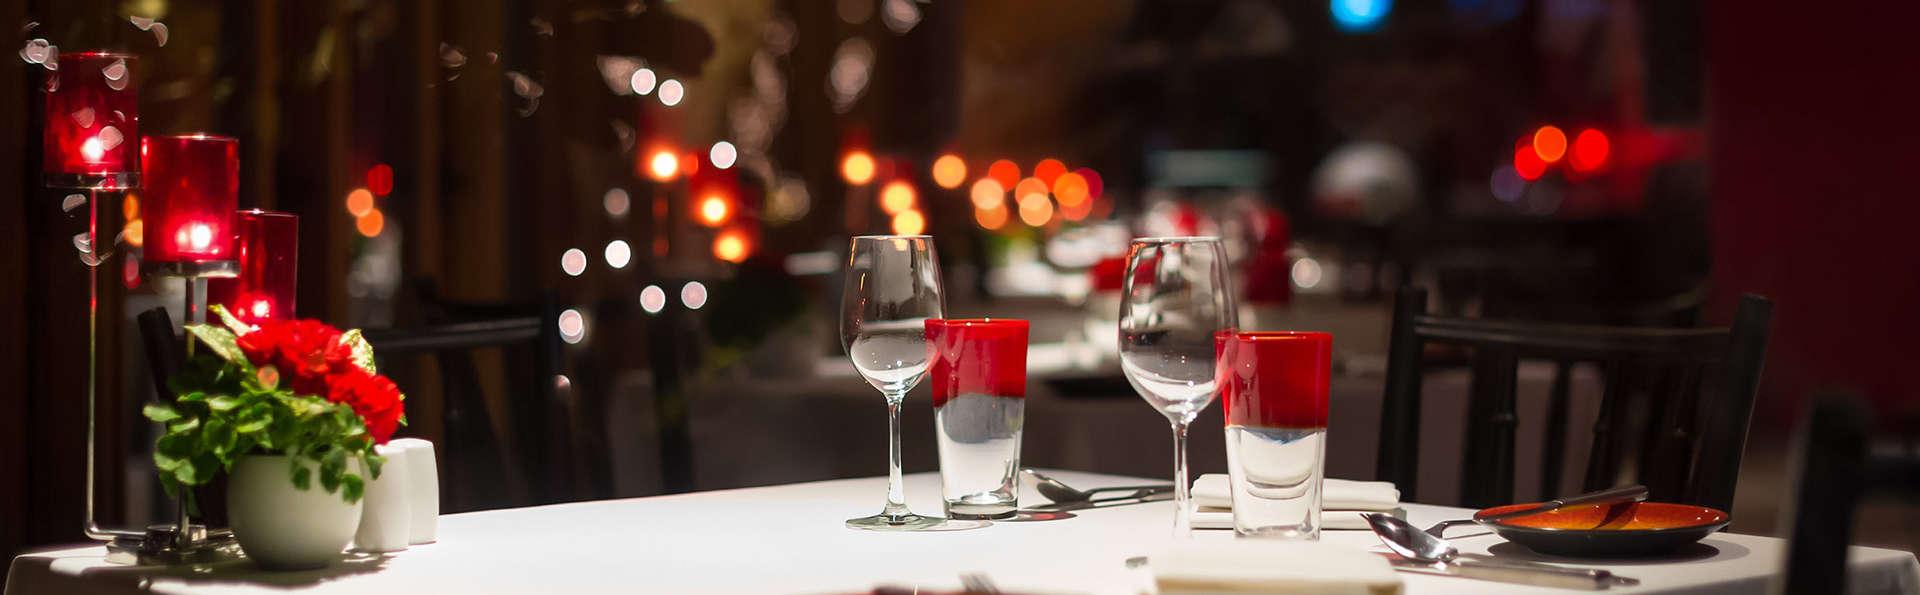 Especial San Valentín: cena de gala y salida tardía en Biar, Alicante